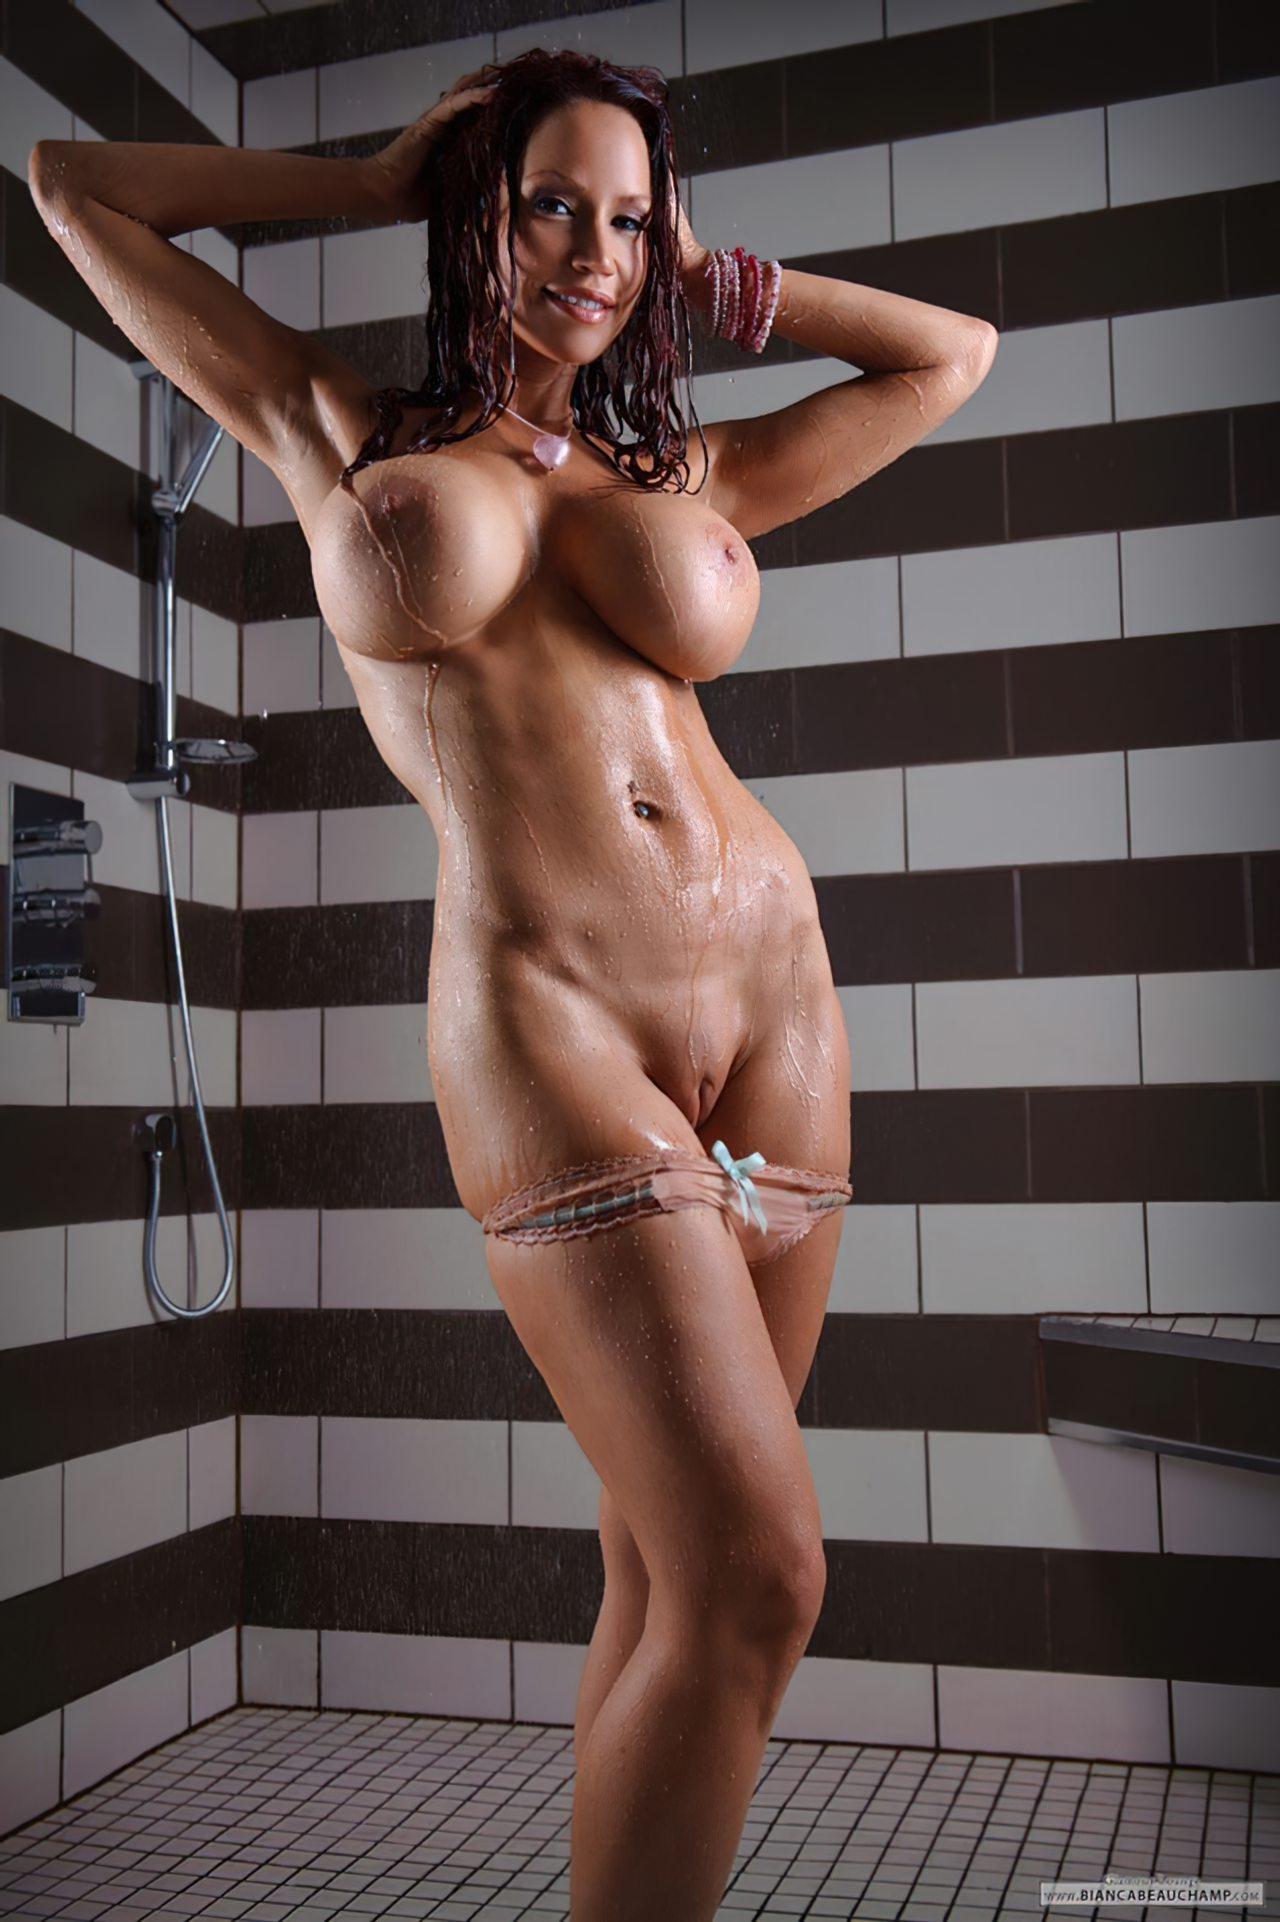 Mulher Nua no Banho